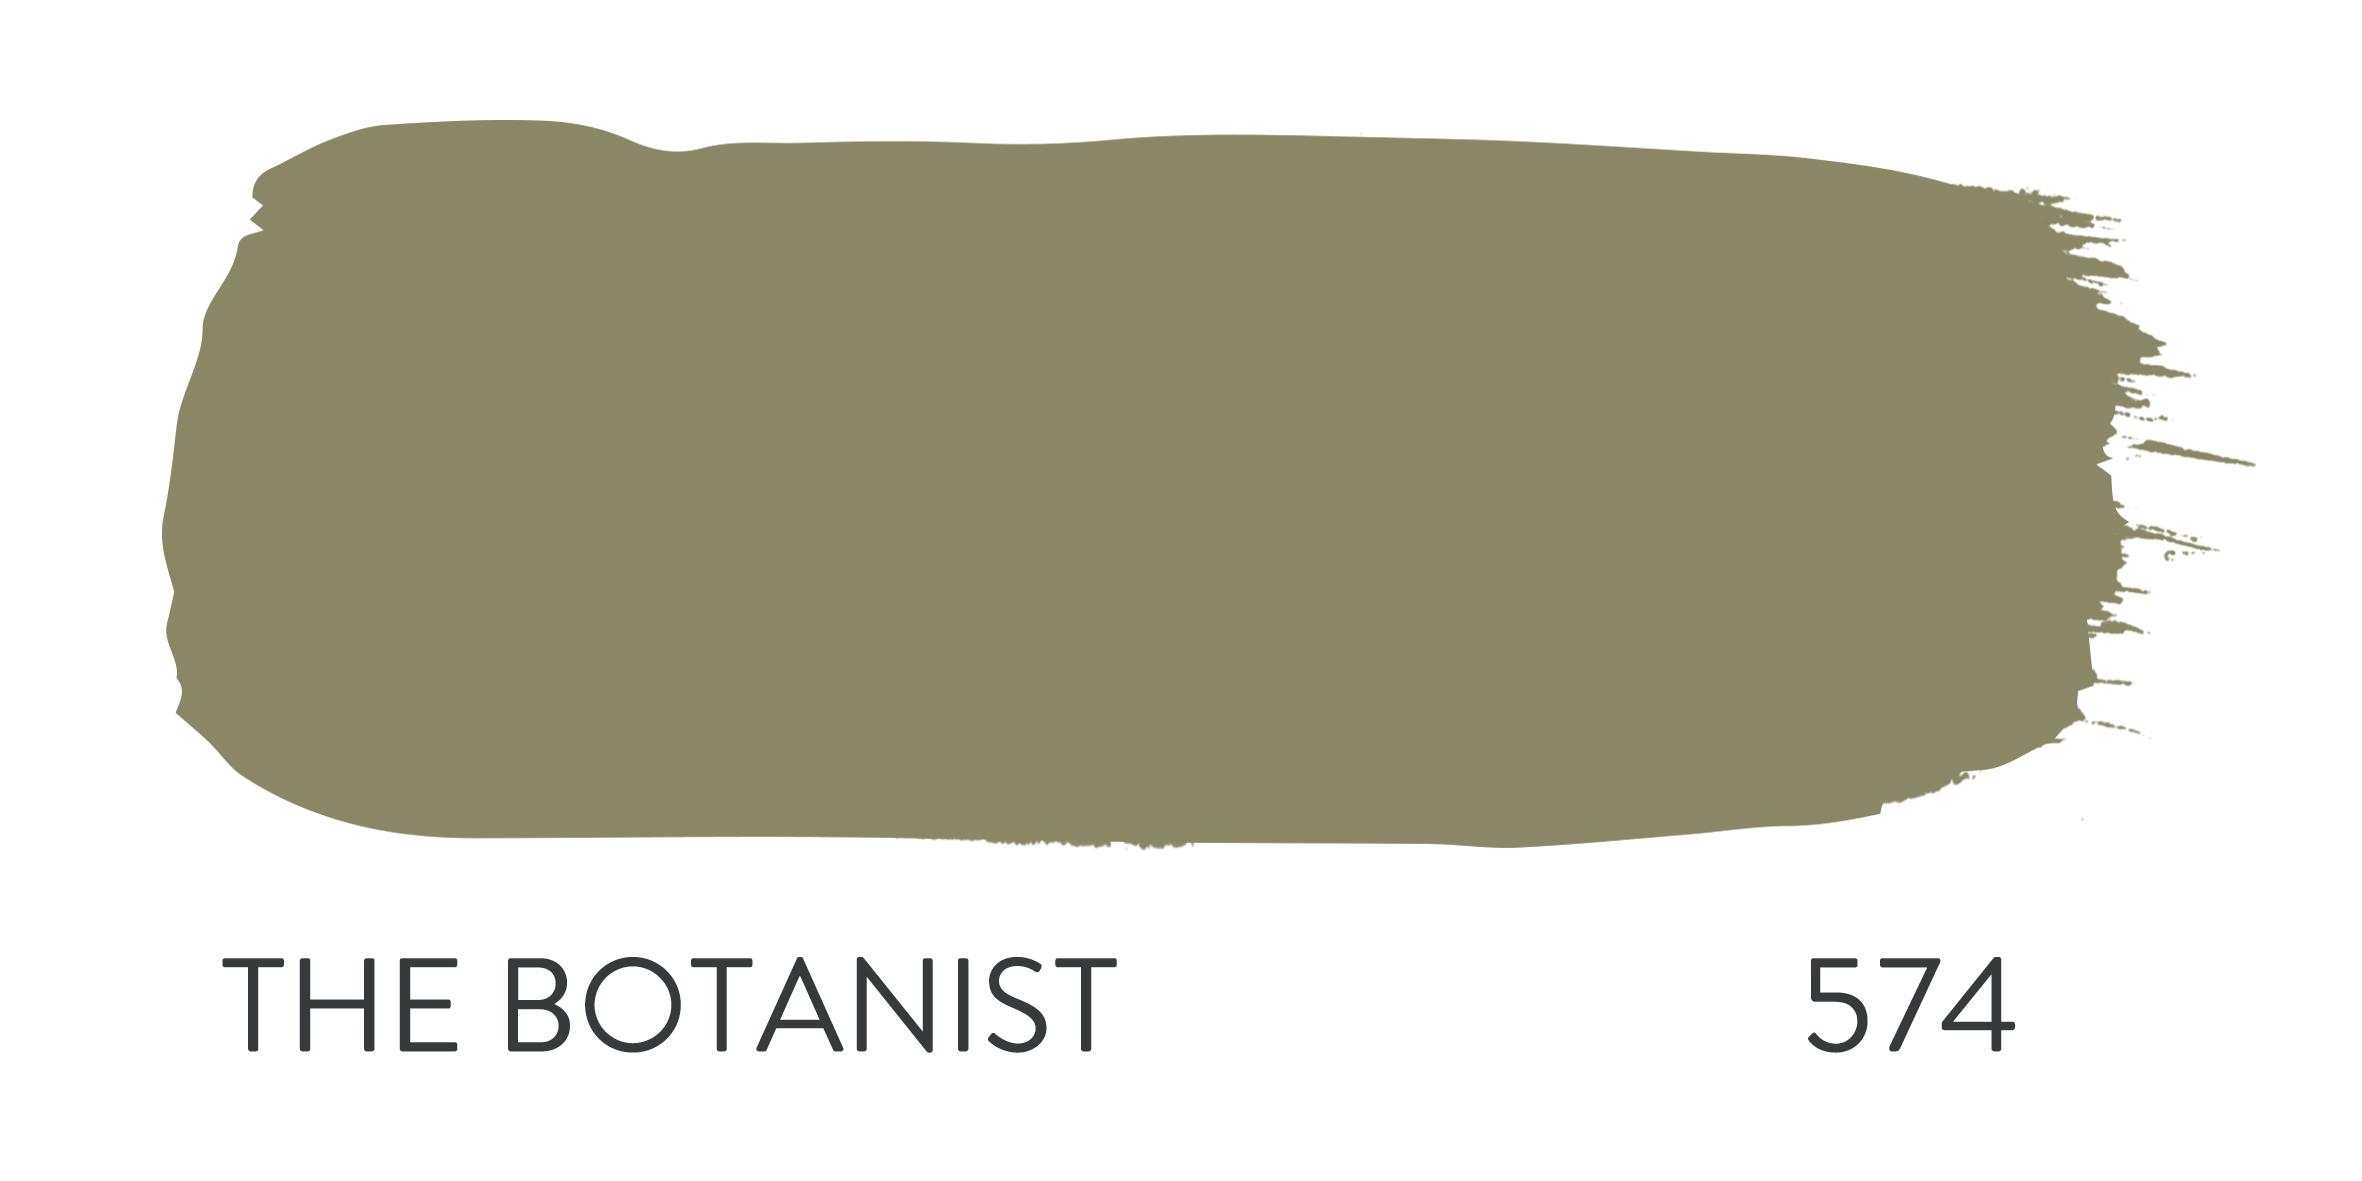 THE BOTANIST 574.jpg